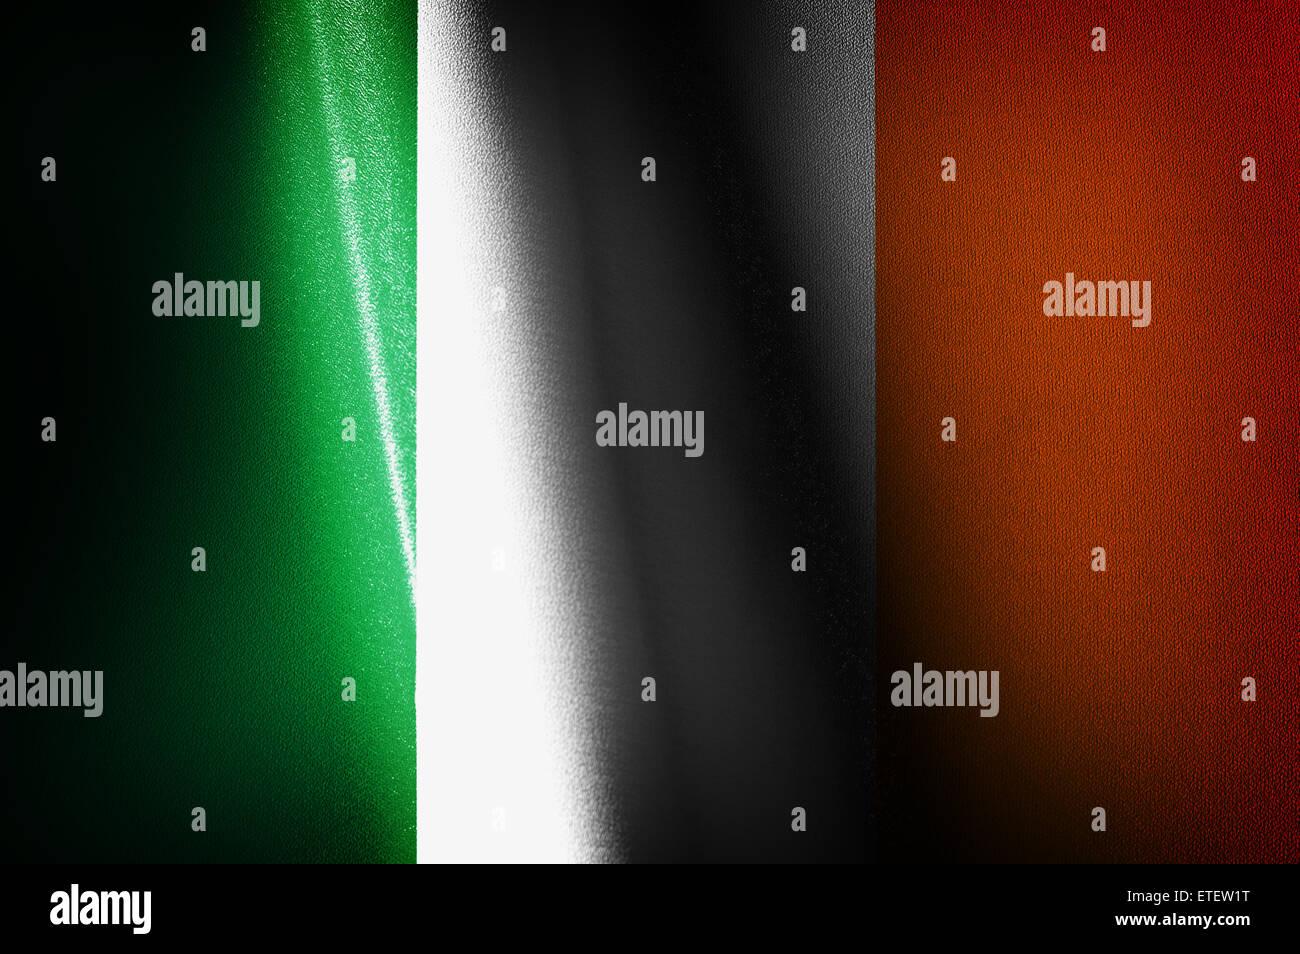 Les images des drapeaux de l'Irlande Photo Stock